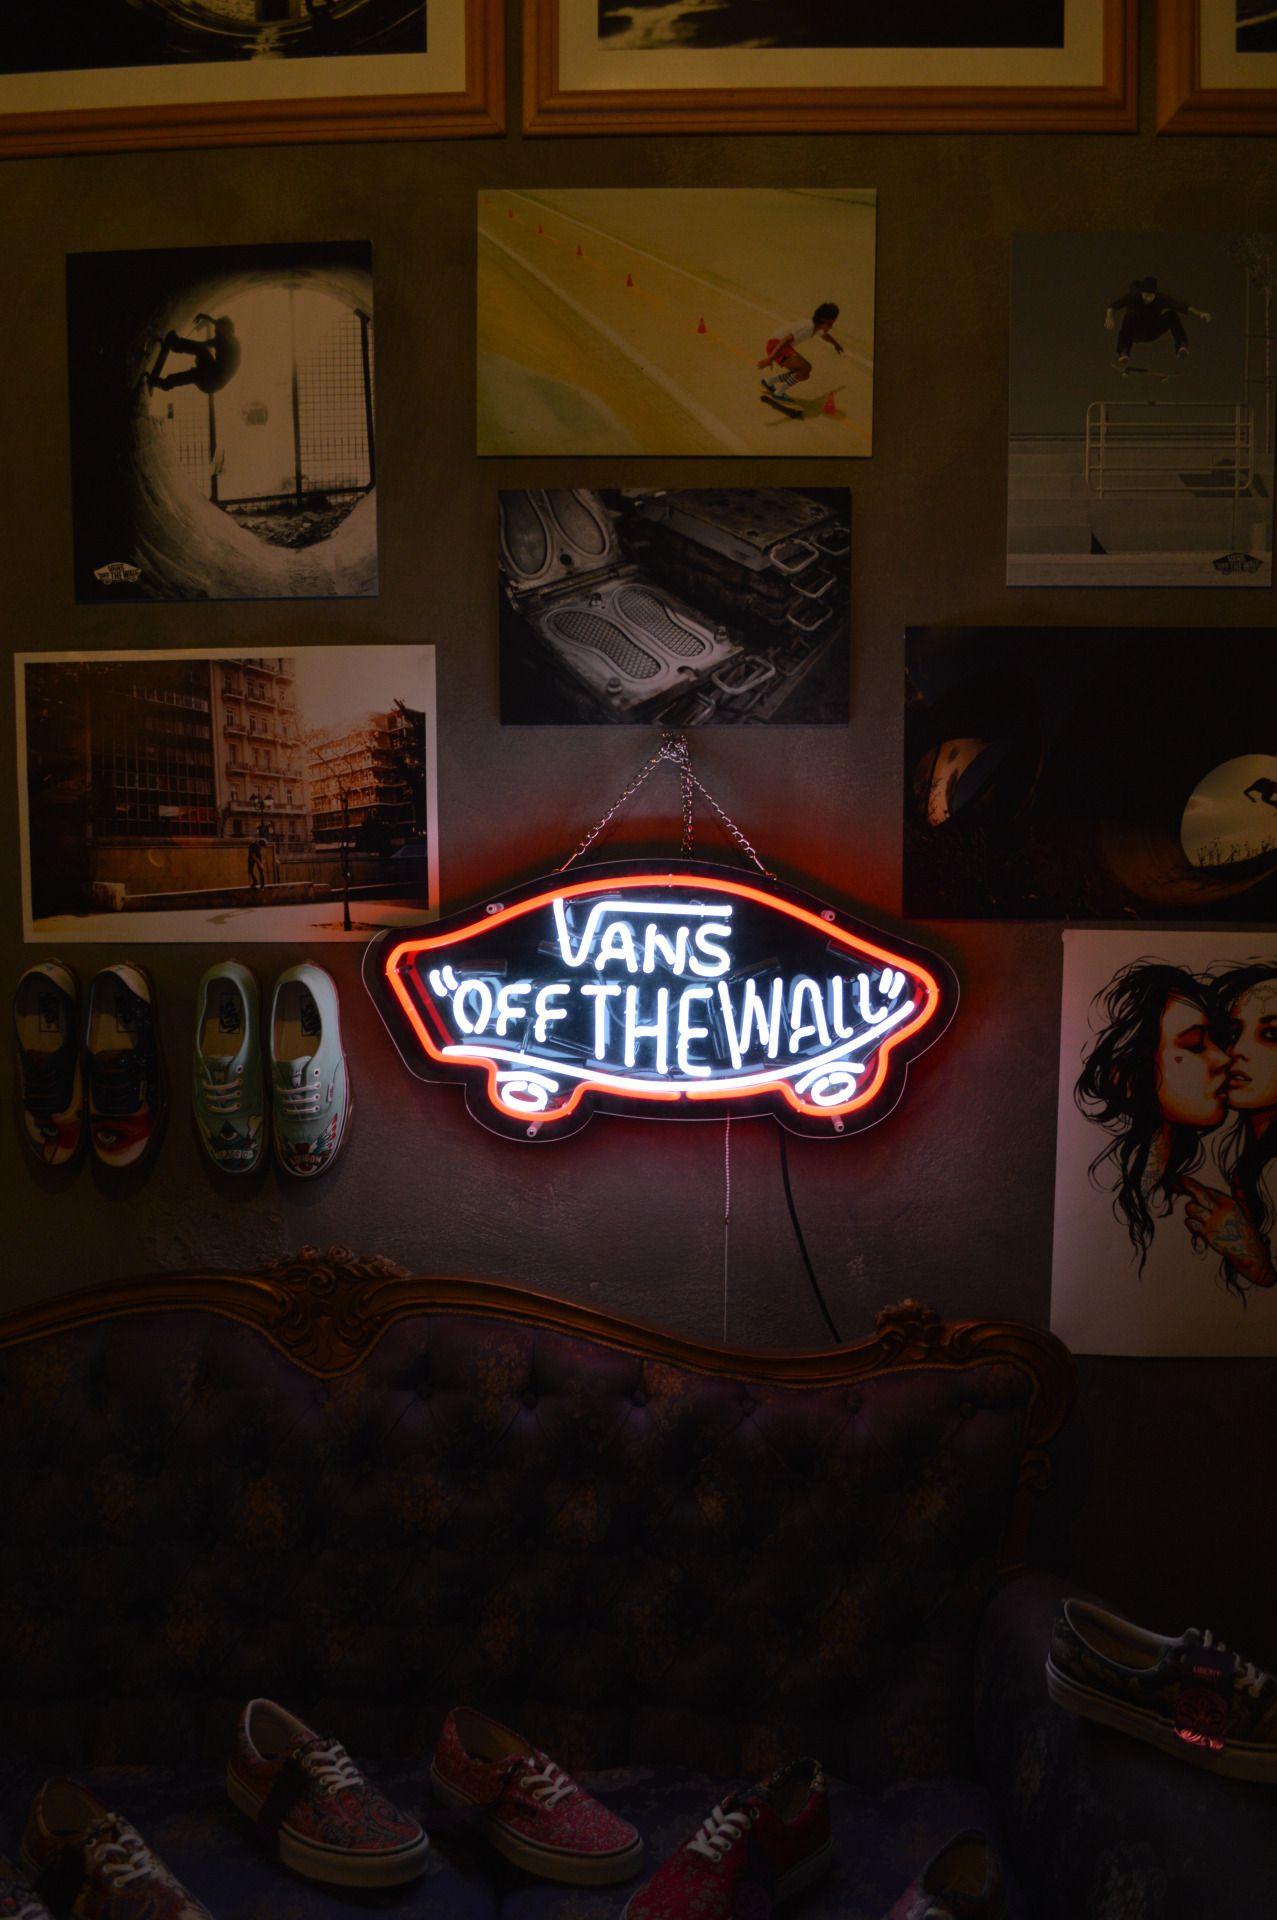 Vans wallpaper Wallpapers Pinterest Wallpapers and Van